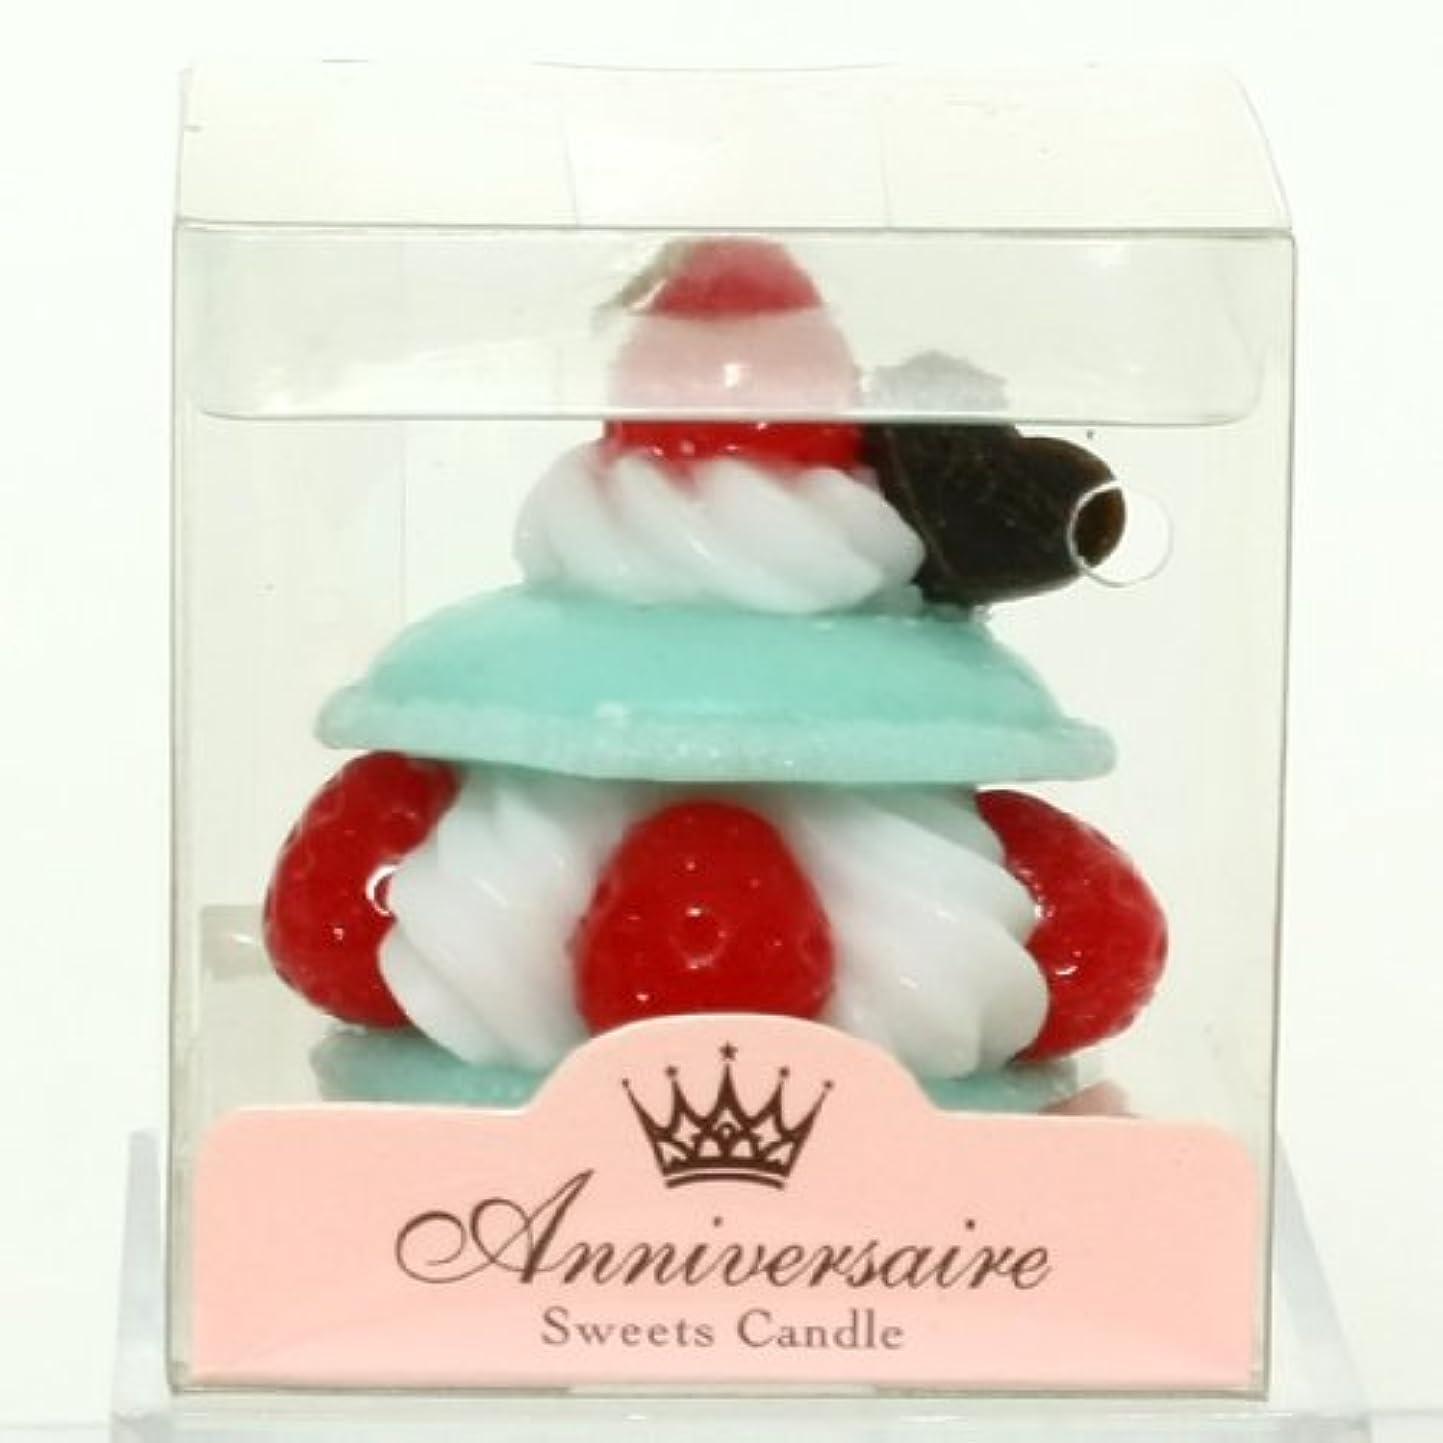 ポップベンチベーススイーツキャンドル(sweets candle) マカロンケーキキャンドル【ミント】